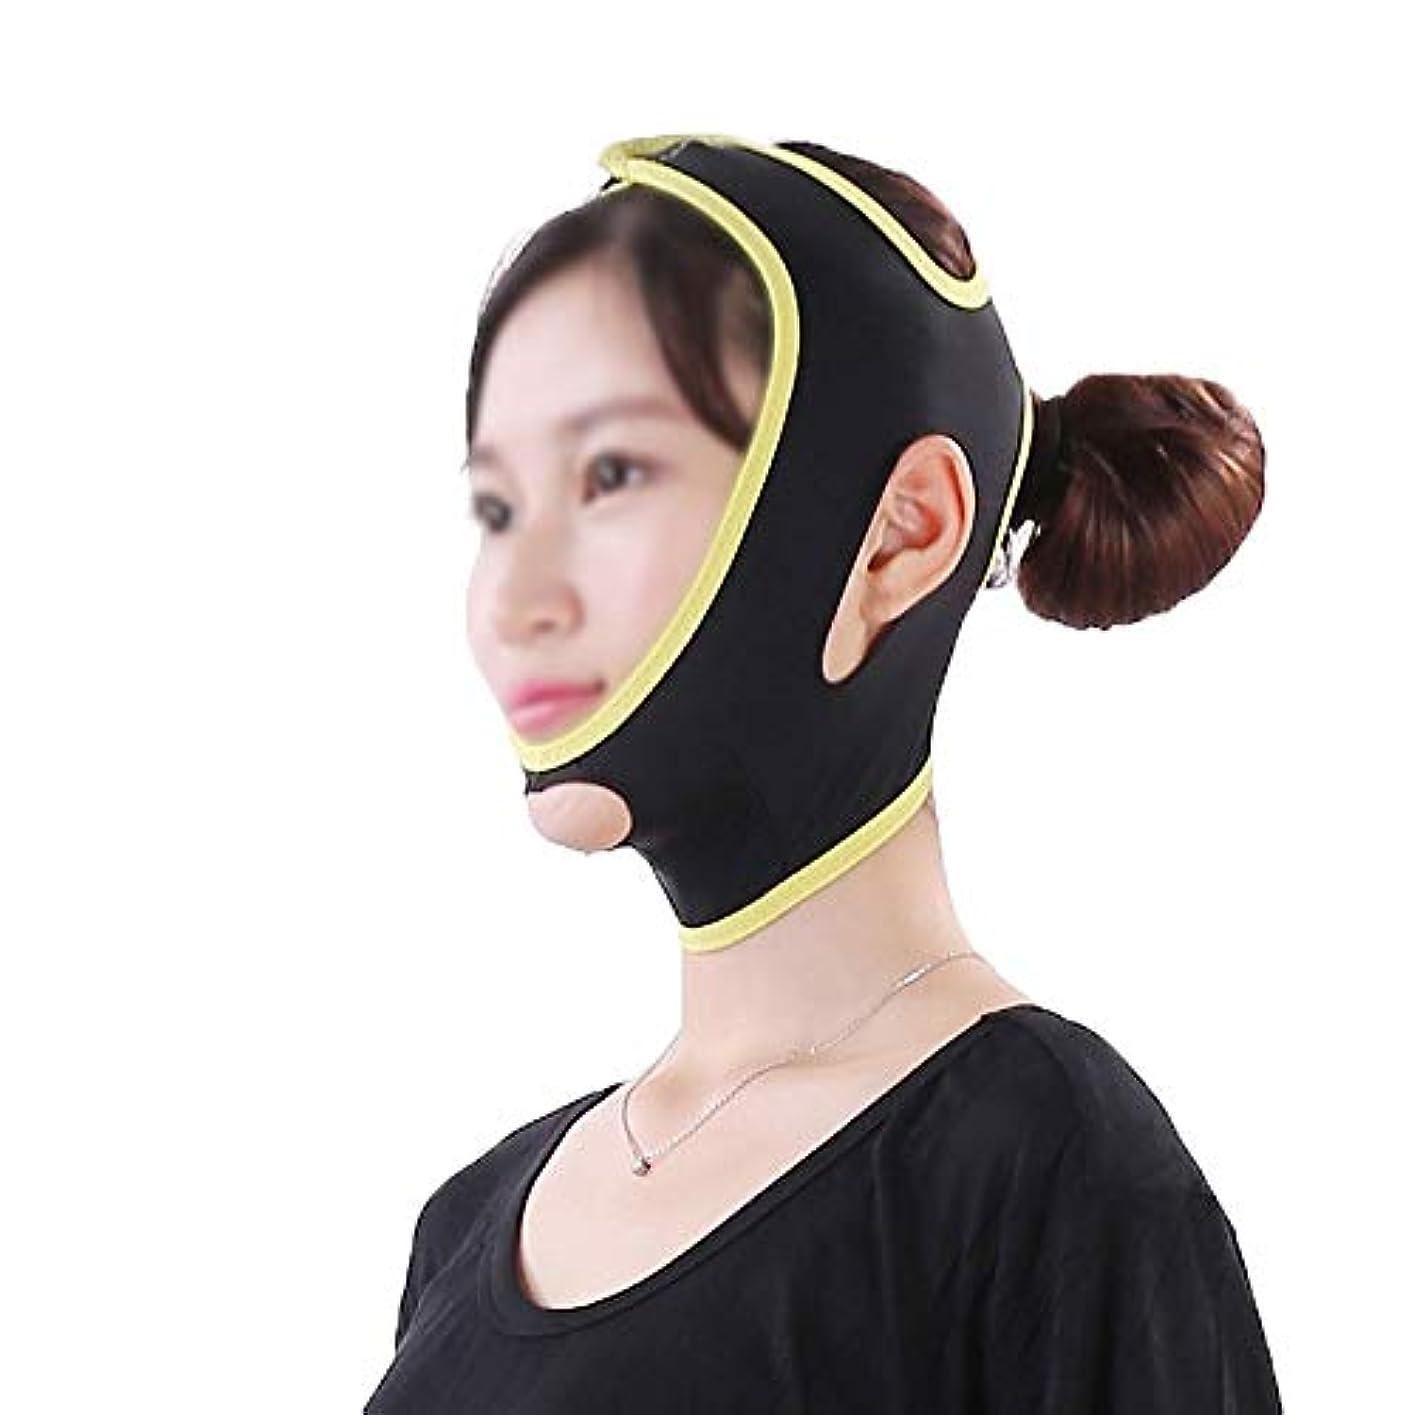 アボートフィットネストリムGLJJQMY フェイス&ネックリフトシンフェイスマスクパワフルマスクフェイスリフトアーチファクトフェイスリフトフェイスツールシンフェイス包帯シンフェイスマスク美容マスク 顔用整形マスク (Size : L)